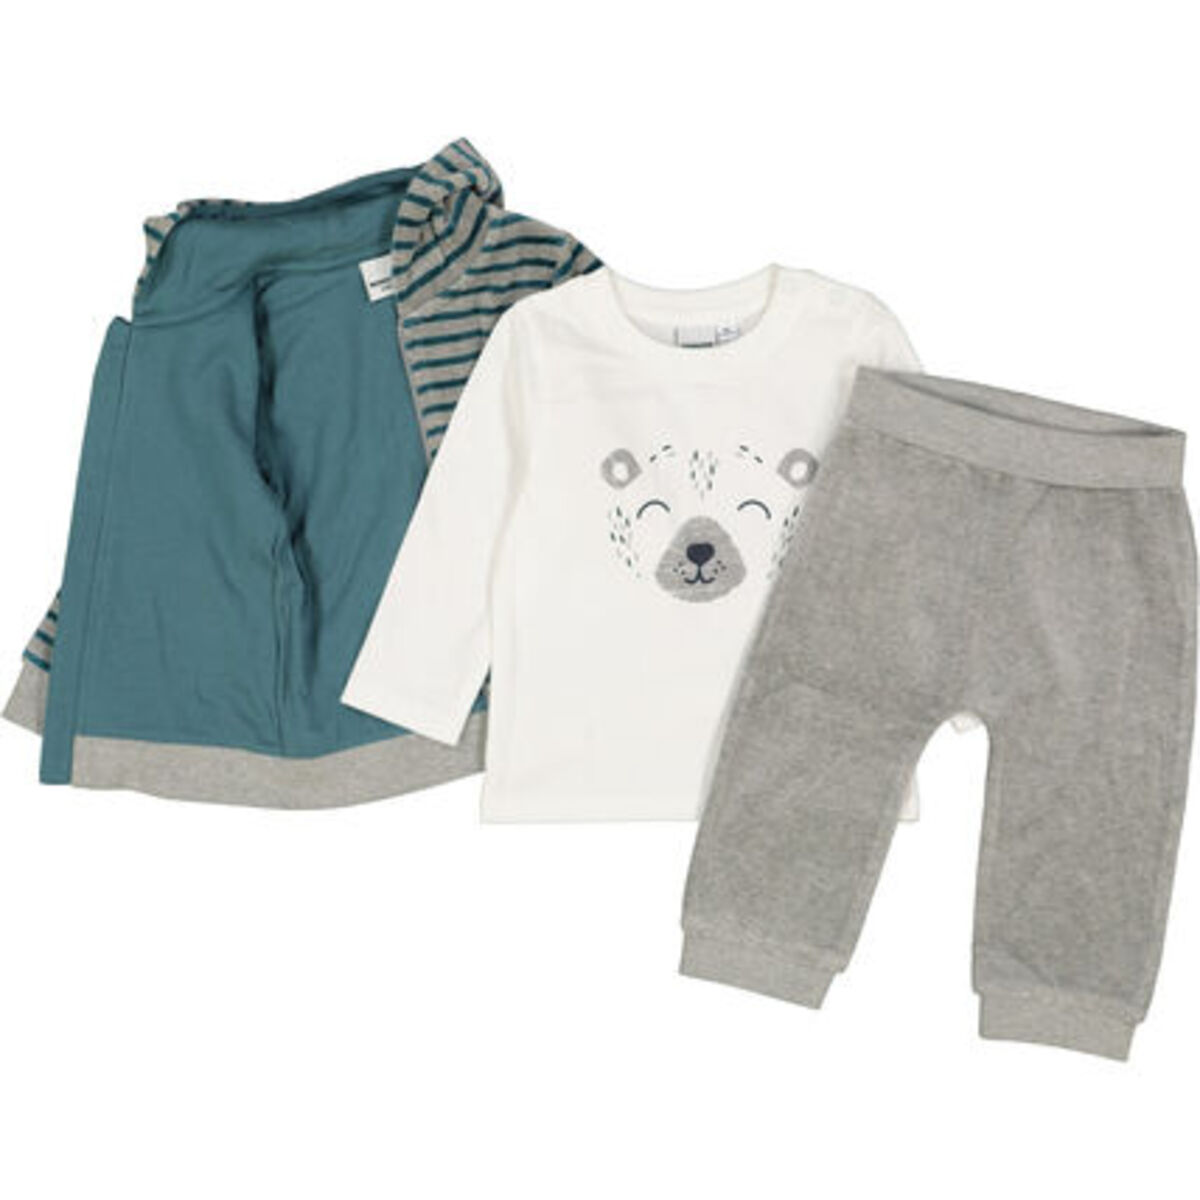 Bild 3 von MANGUUN Anzug-Set, 3-teilig, Nicki-Stoff, für Baby Jungen